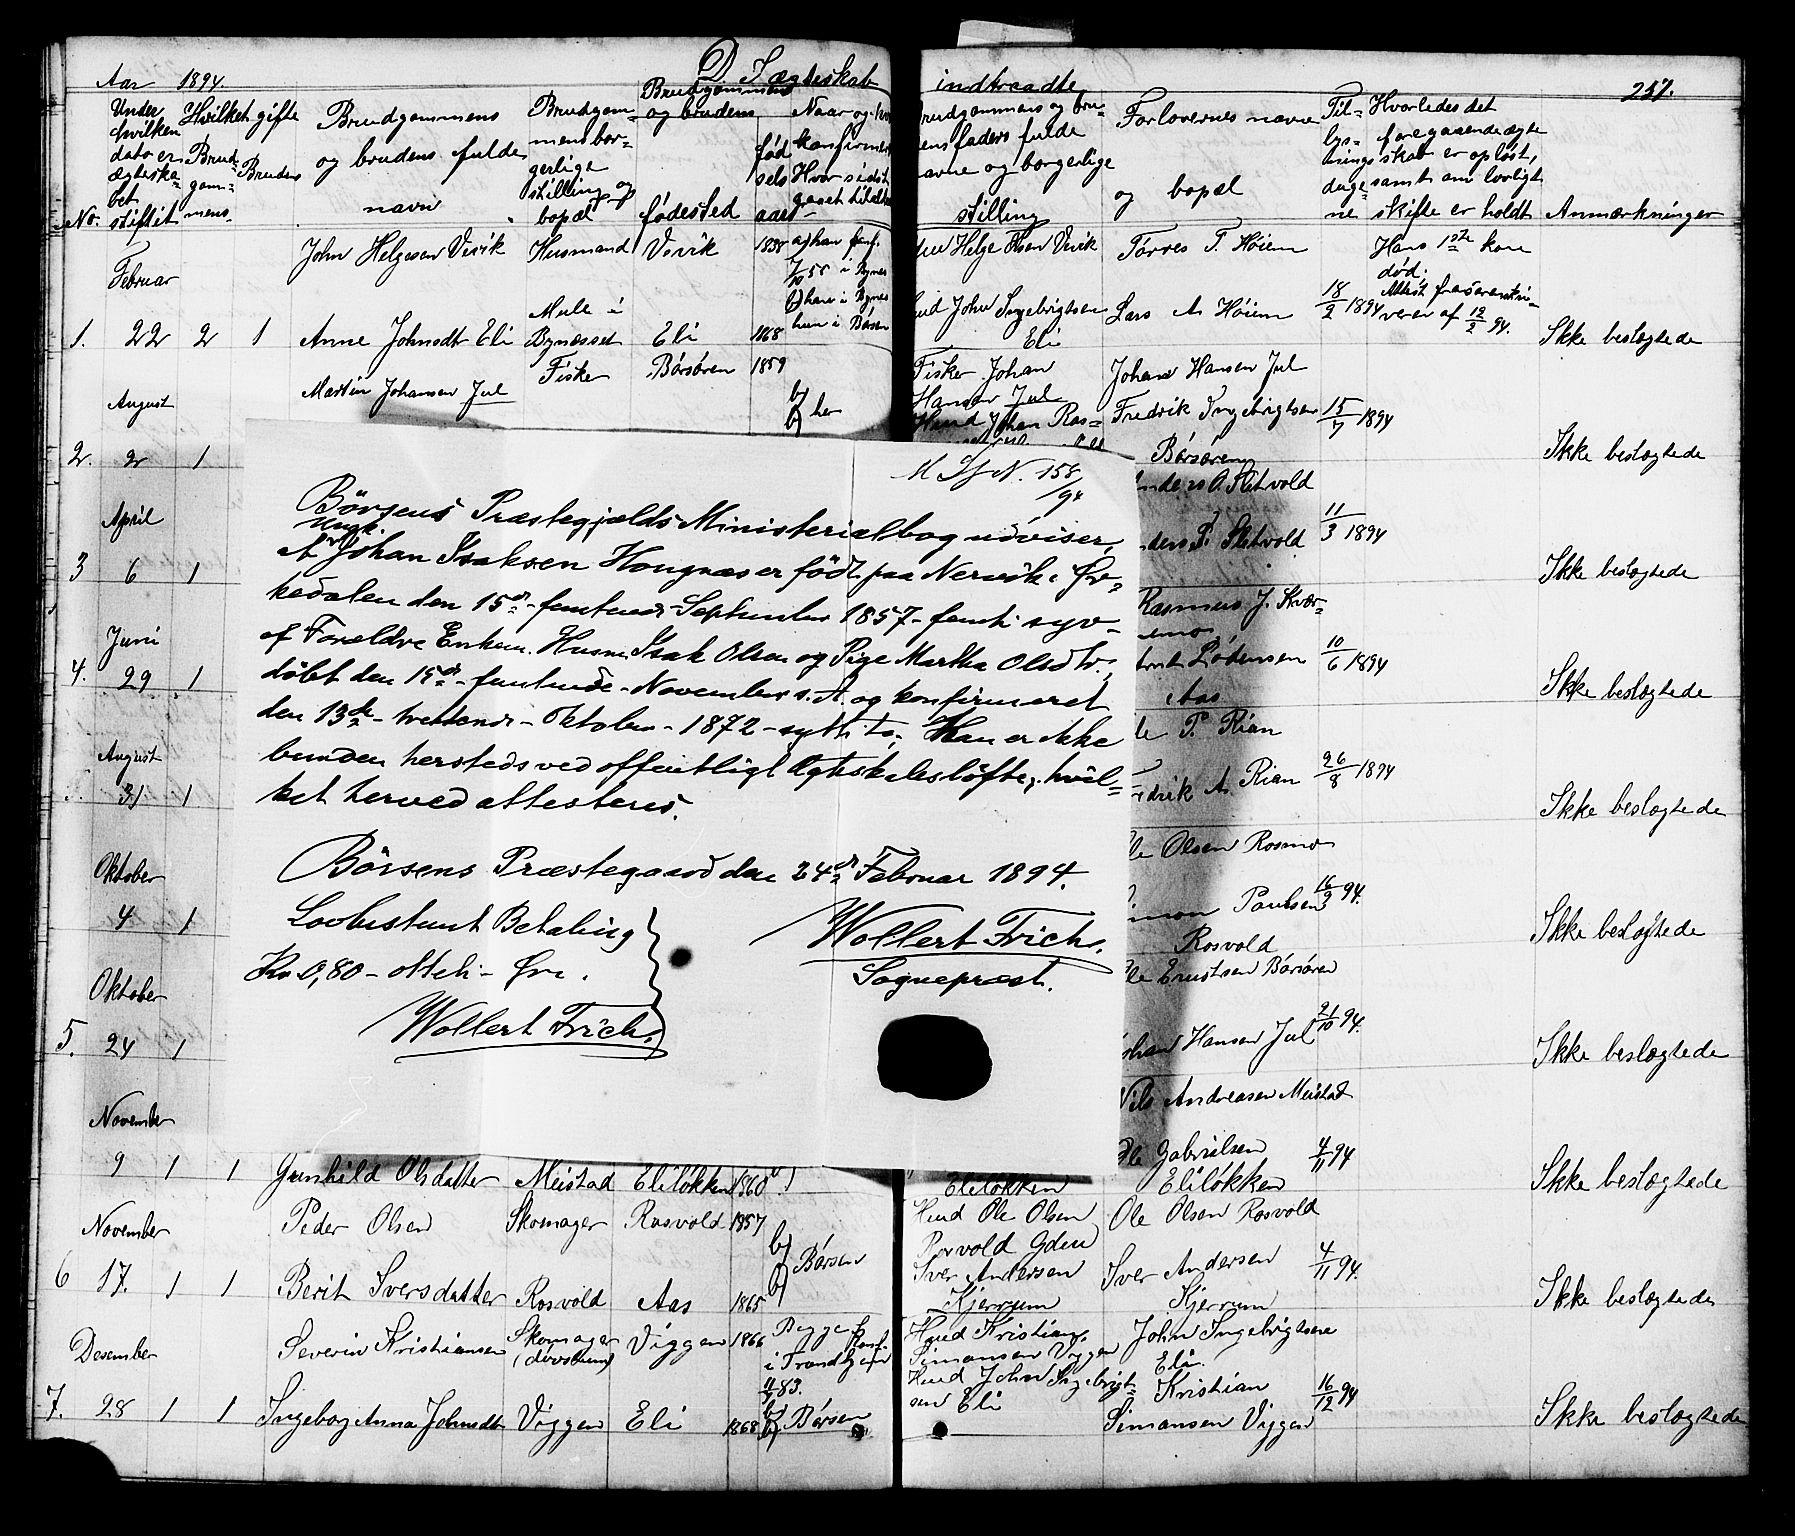 SAT, Ministerialprotokoller, klokkerbøker og fødselsregistre - Sør-Trøndelag, 665/L0777: Klokkerbok nr. 665C02, 1867-1915, s. 251